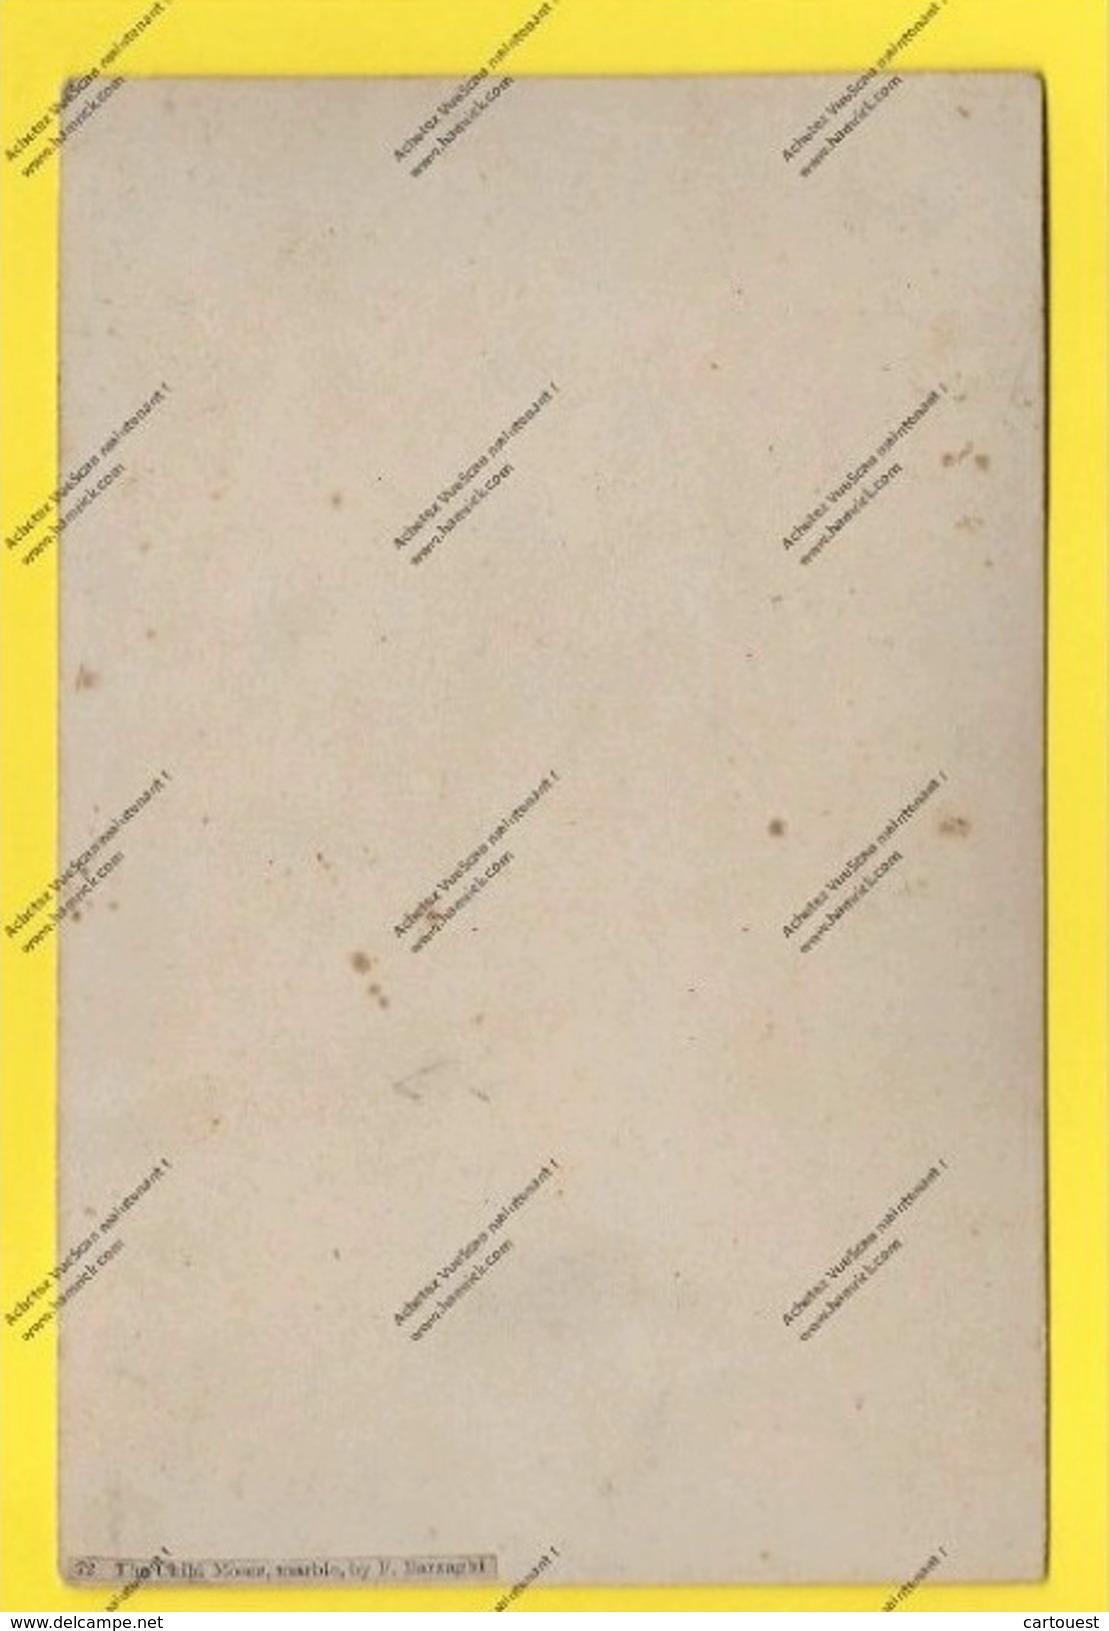 """PARIS EXPOSITION UNIVERSELLE 1878 ANCIENNE PHOTO Papier Sur Carton """" L Enfant Moïse Par Barzaghi Statue Marbre """" - Photographs"""